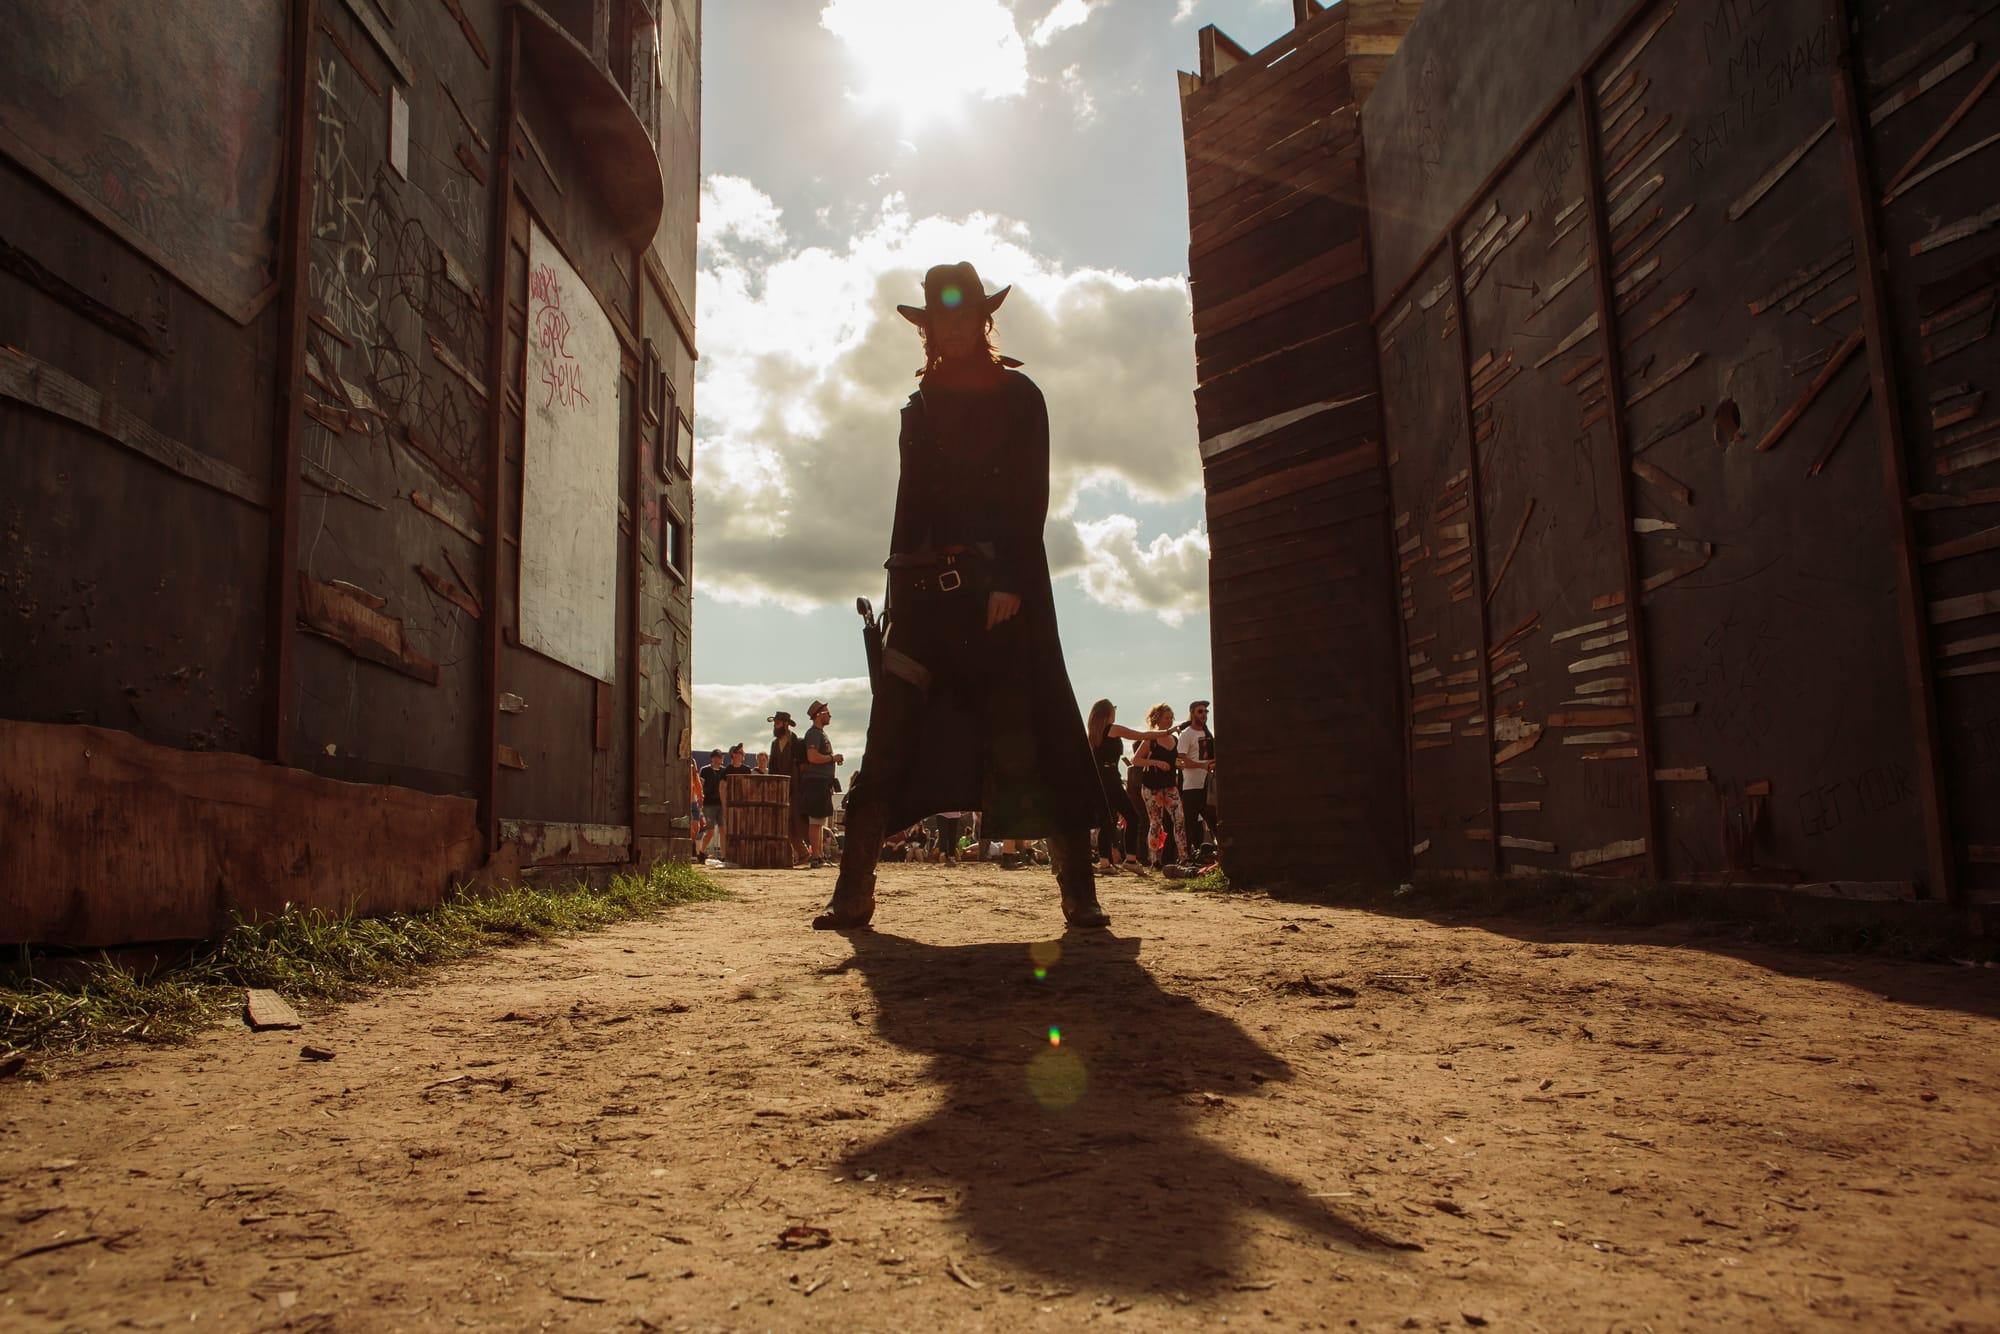 Wild West, Boomtown 2017 ©Leora Bermeister